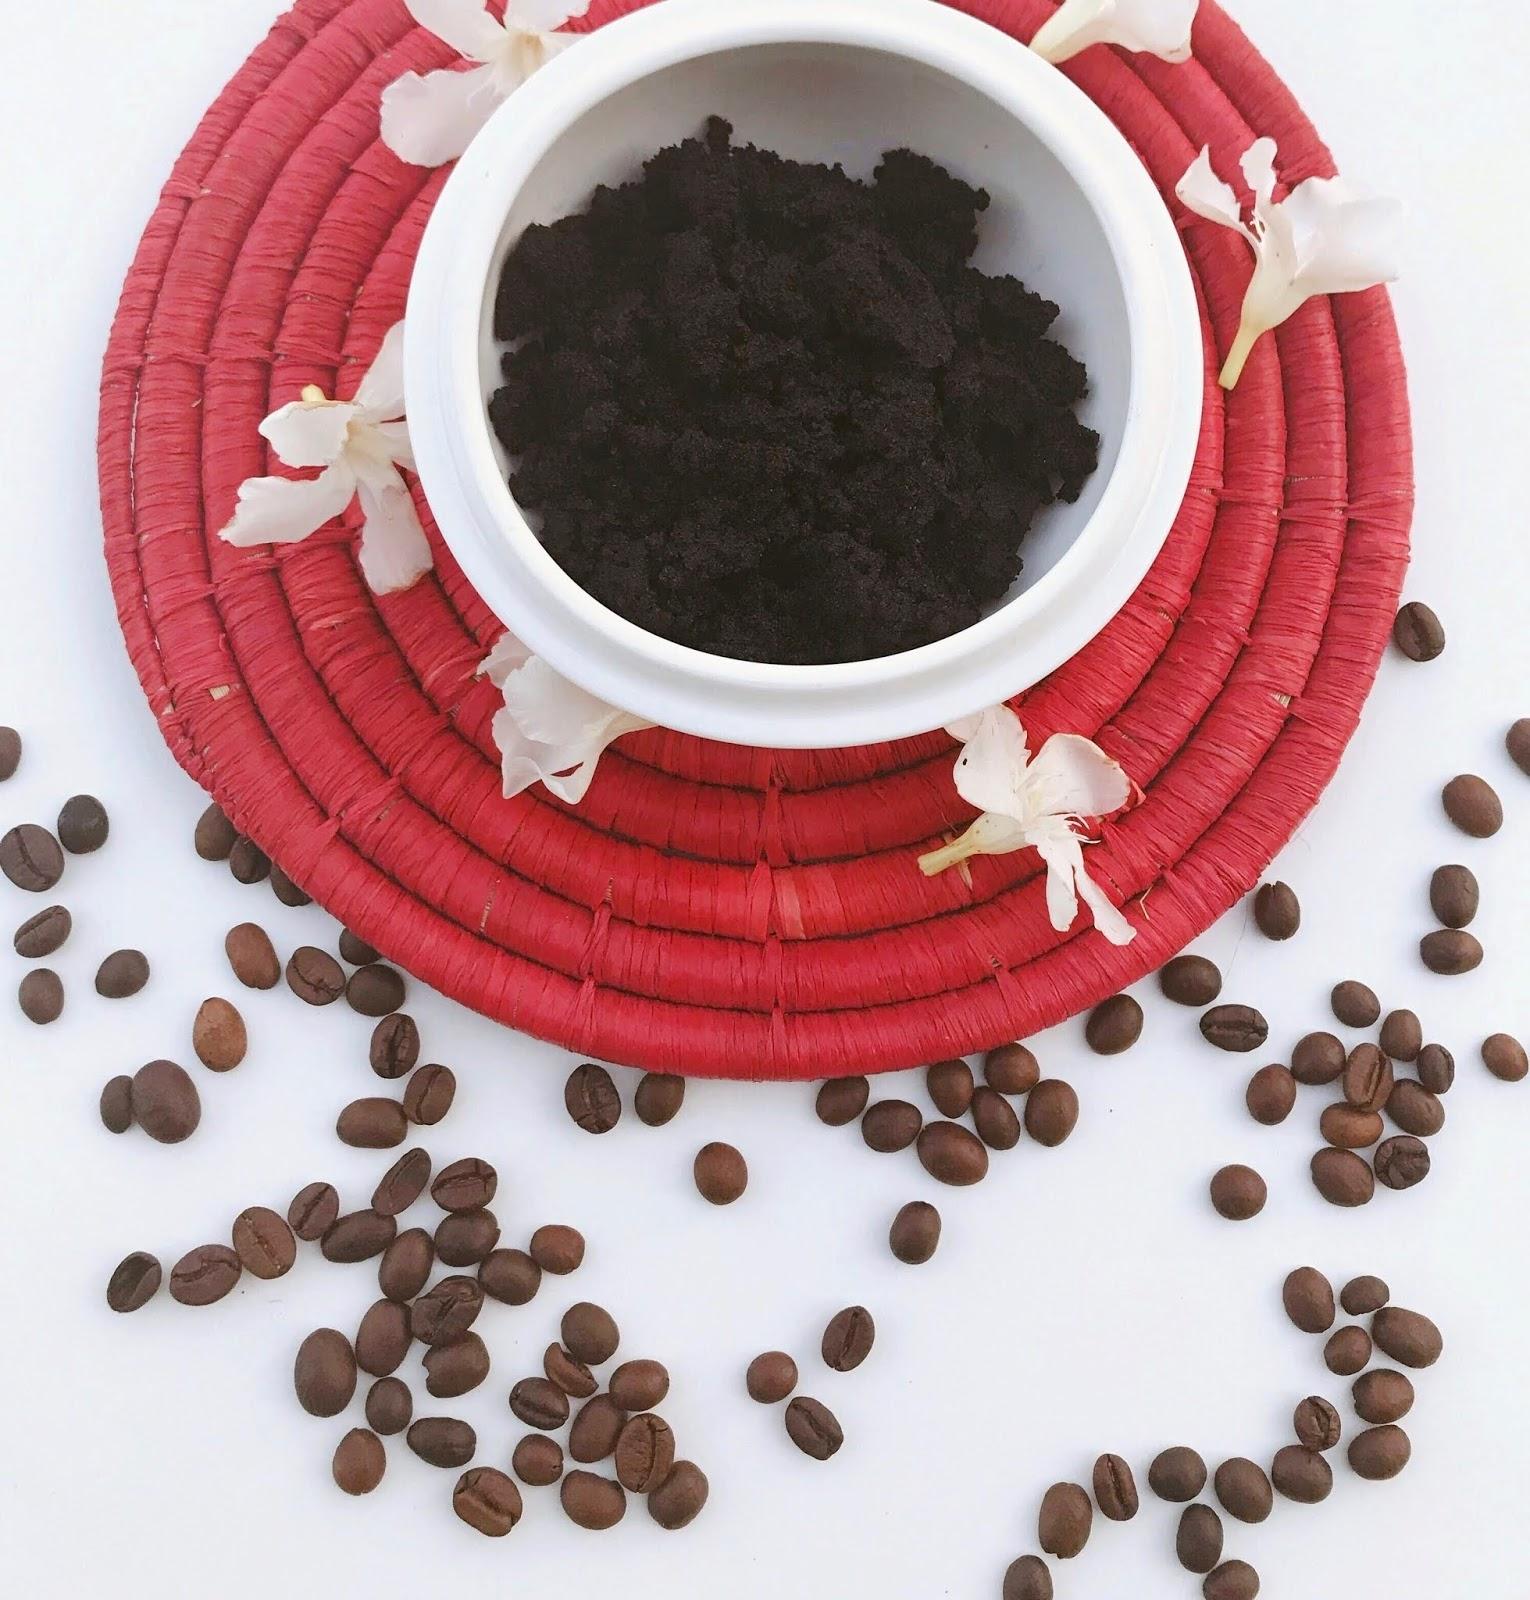 Gommage exfoliant maison au marc de café pour le corps